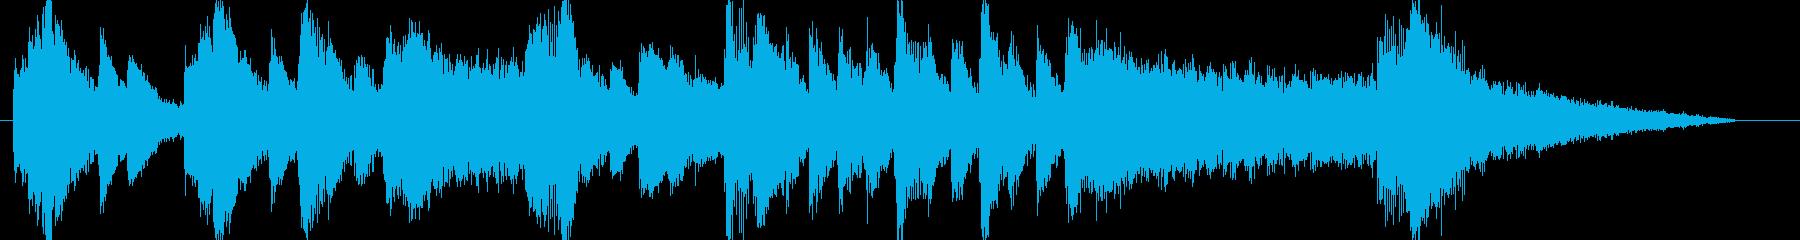 ピアノとストリングスのシリアスなフレーズの再生済みの波形